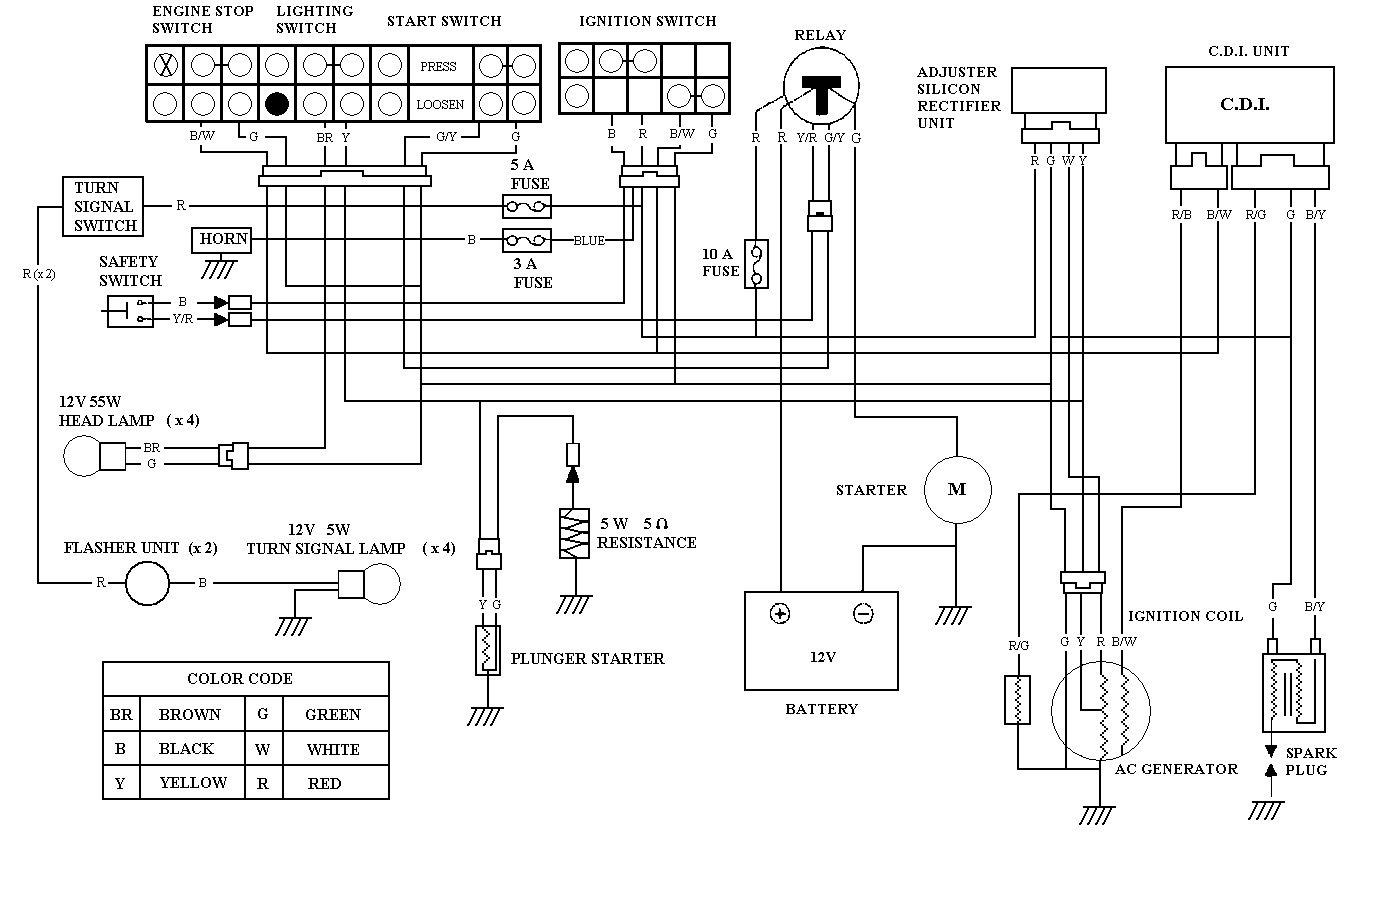 196 Mga Wiring Diagram 1957 Ford Truck Motor Wiring Corollaa Yenpancane Jeanjaures37 Fr